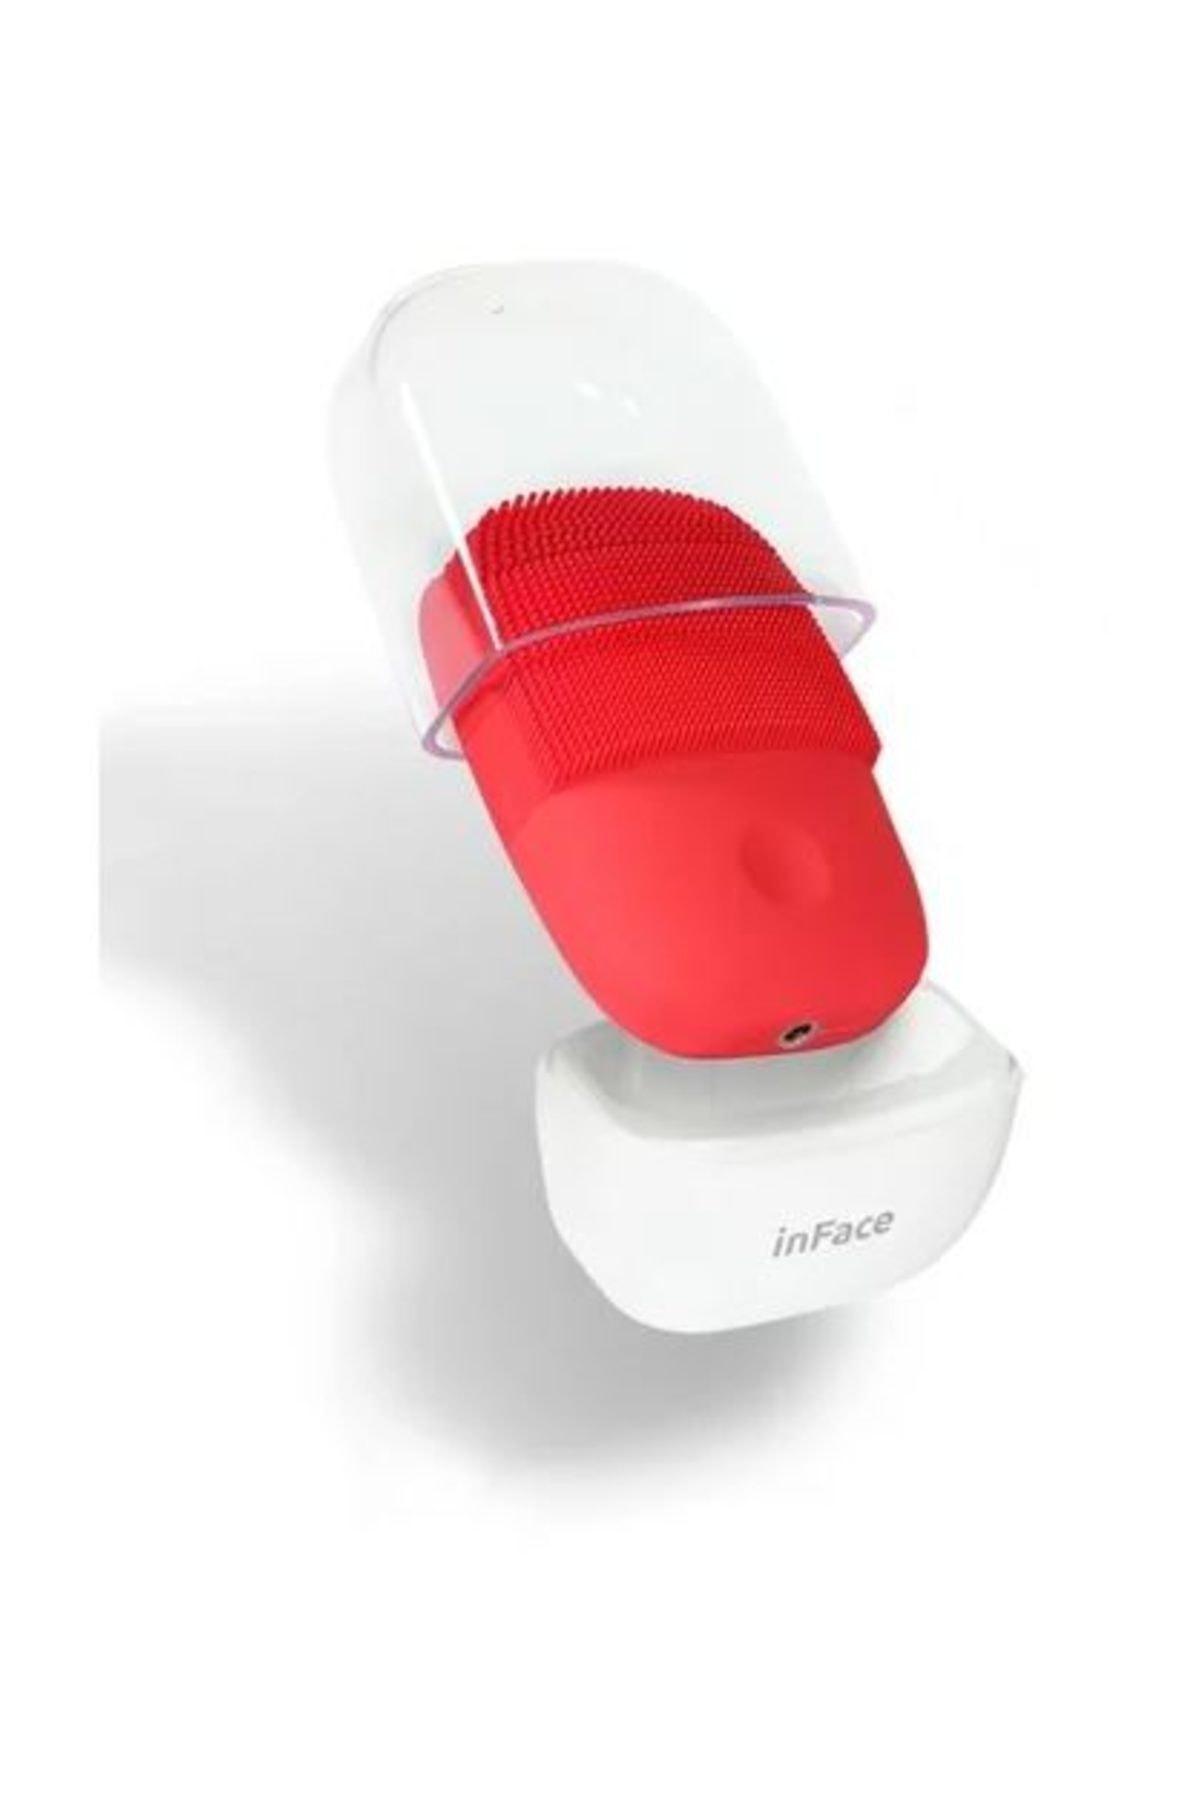 inFace İnFace Sonic Yüz Temizleme ve Masaj Cihazı Inface Kırmızı 1